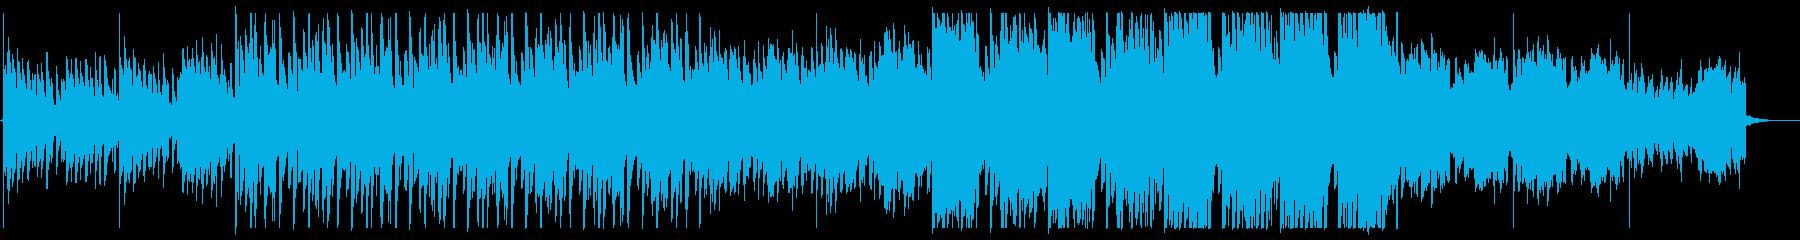 エレクトロニカ/綺麗/不思議/三拍子の再生済みの波形